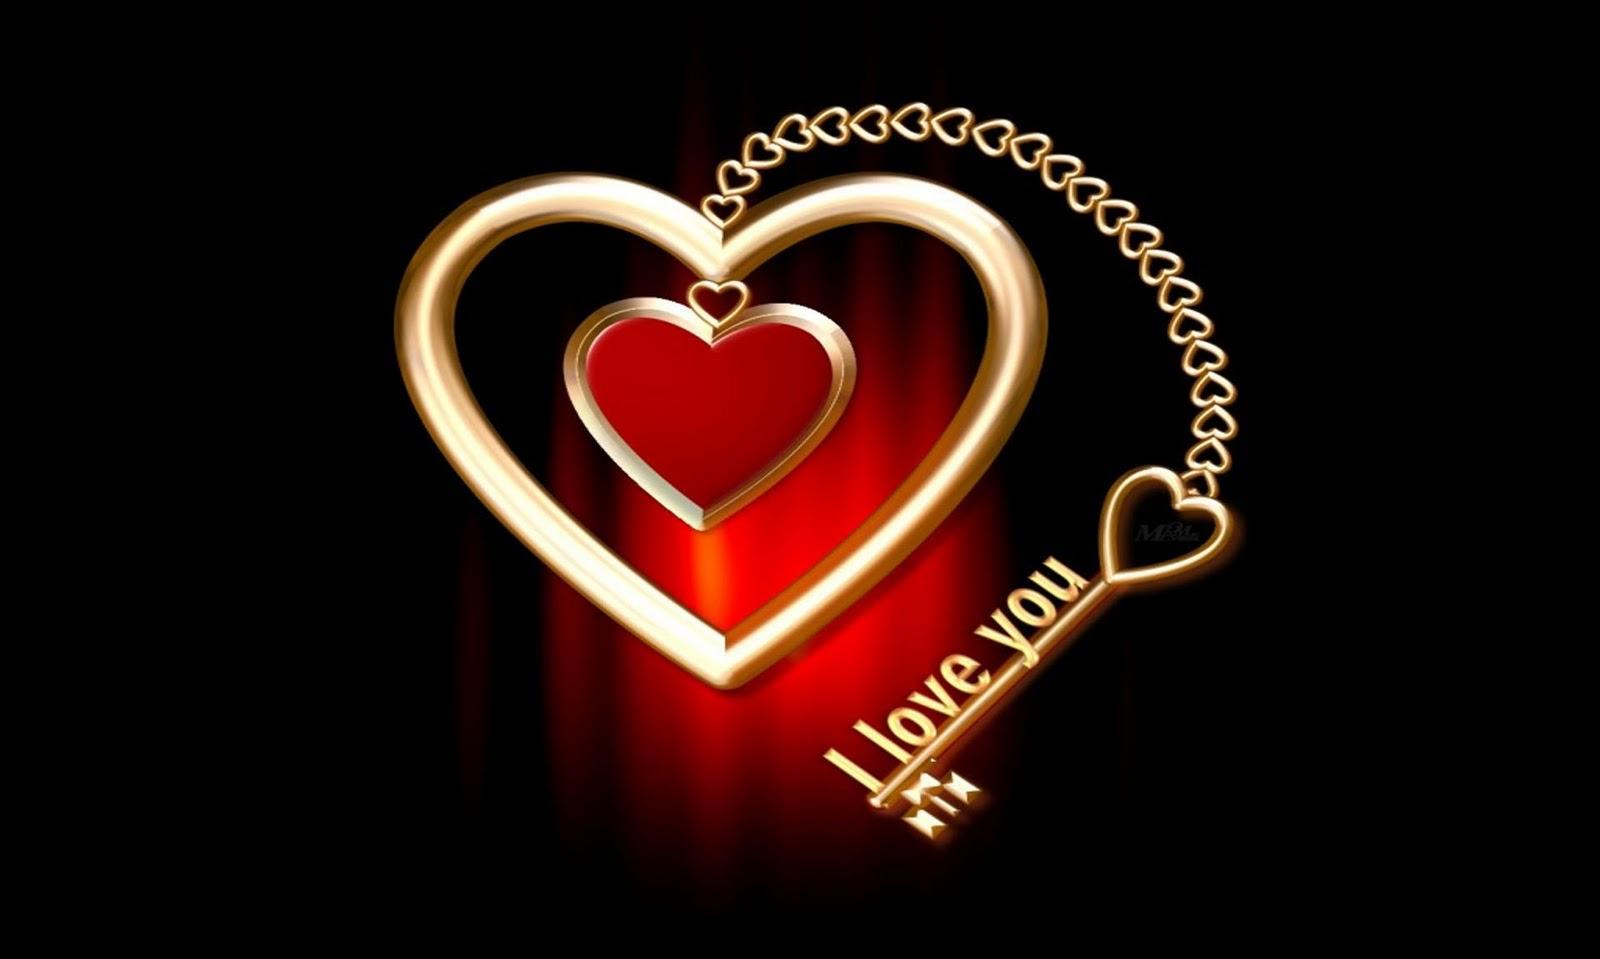 Heart Wallpapers   Broken Heart Wallpapers   Love Wallpapers